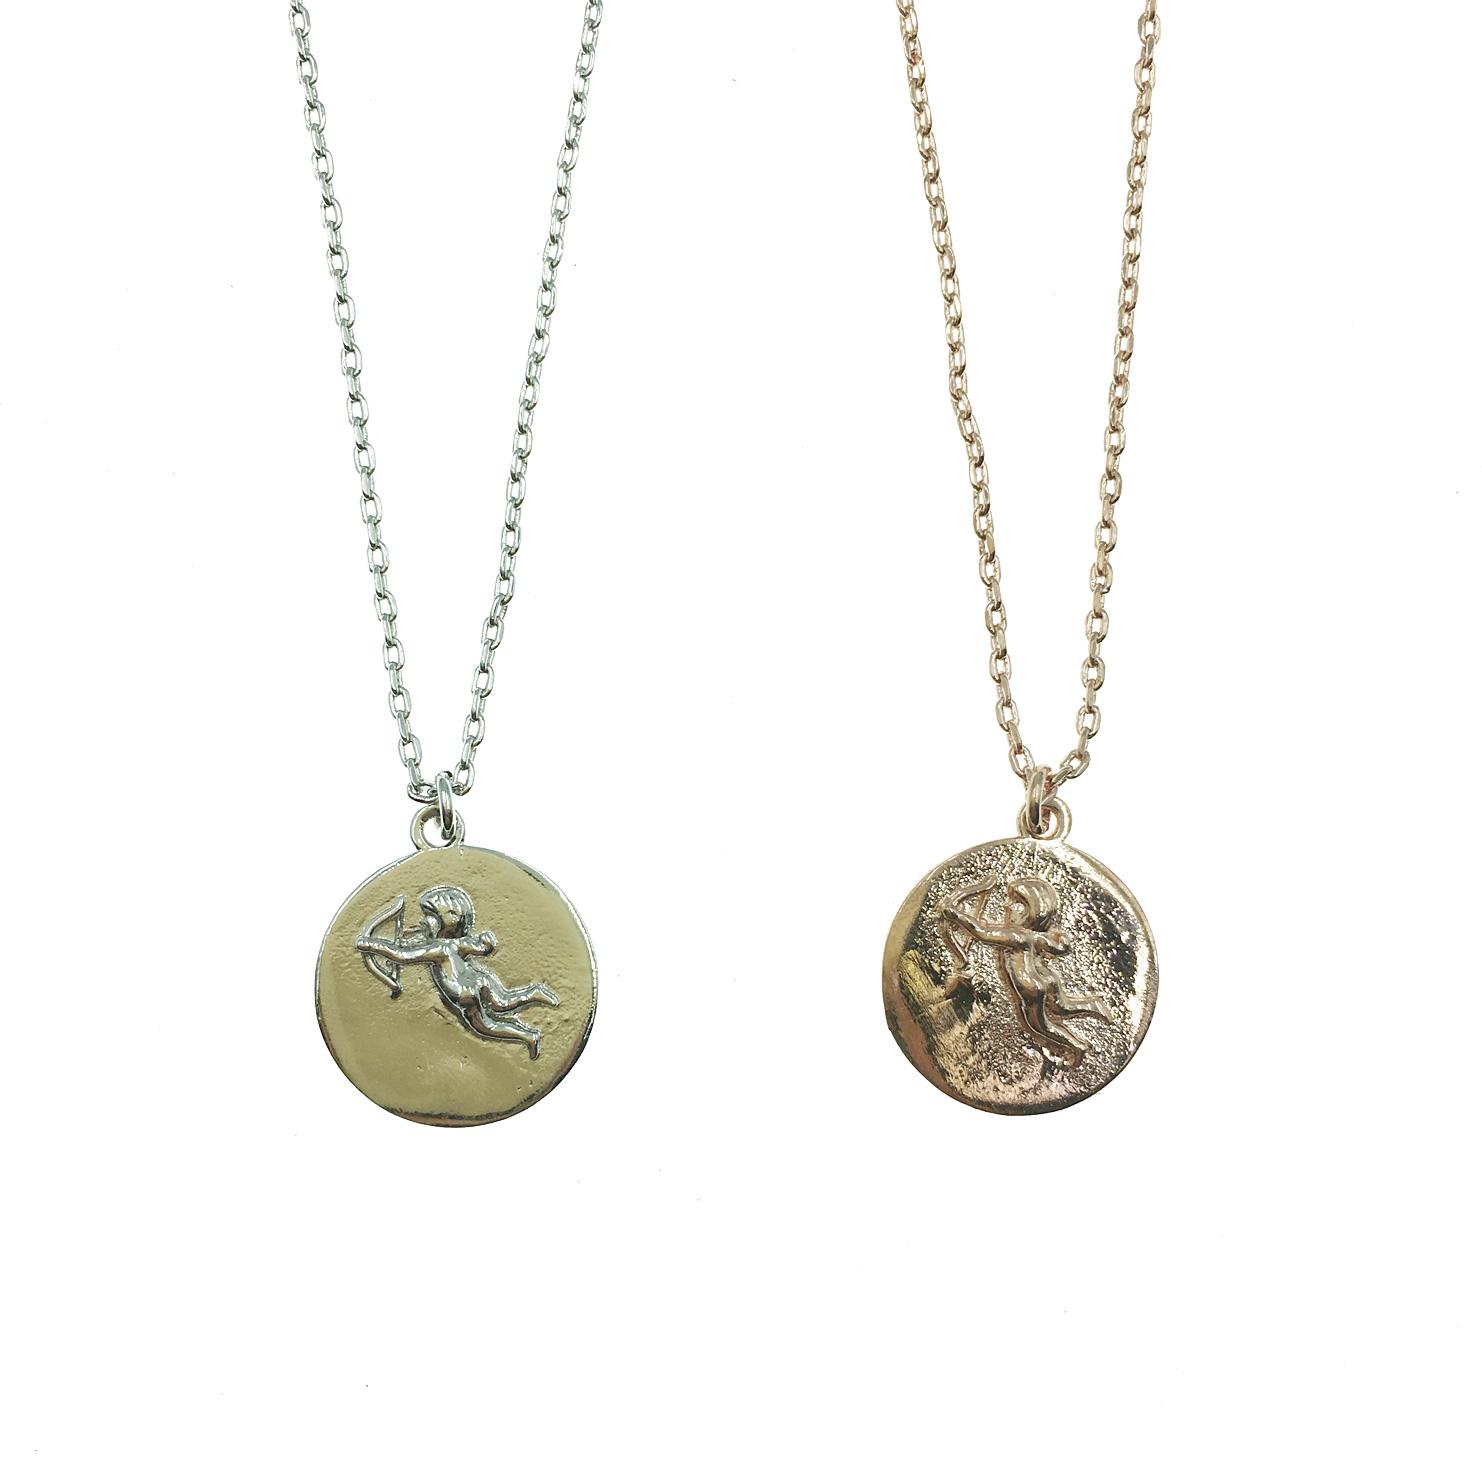 韓國 925純銀 明星款 邱比特 天使 圓形 戀人 兩色 短鍊 項鍊